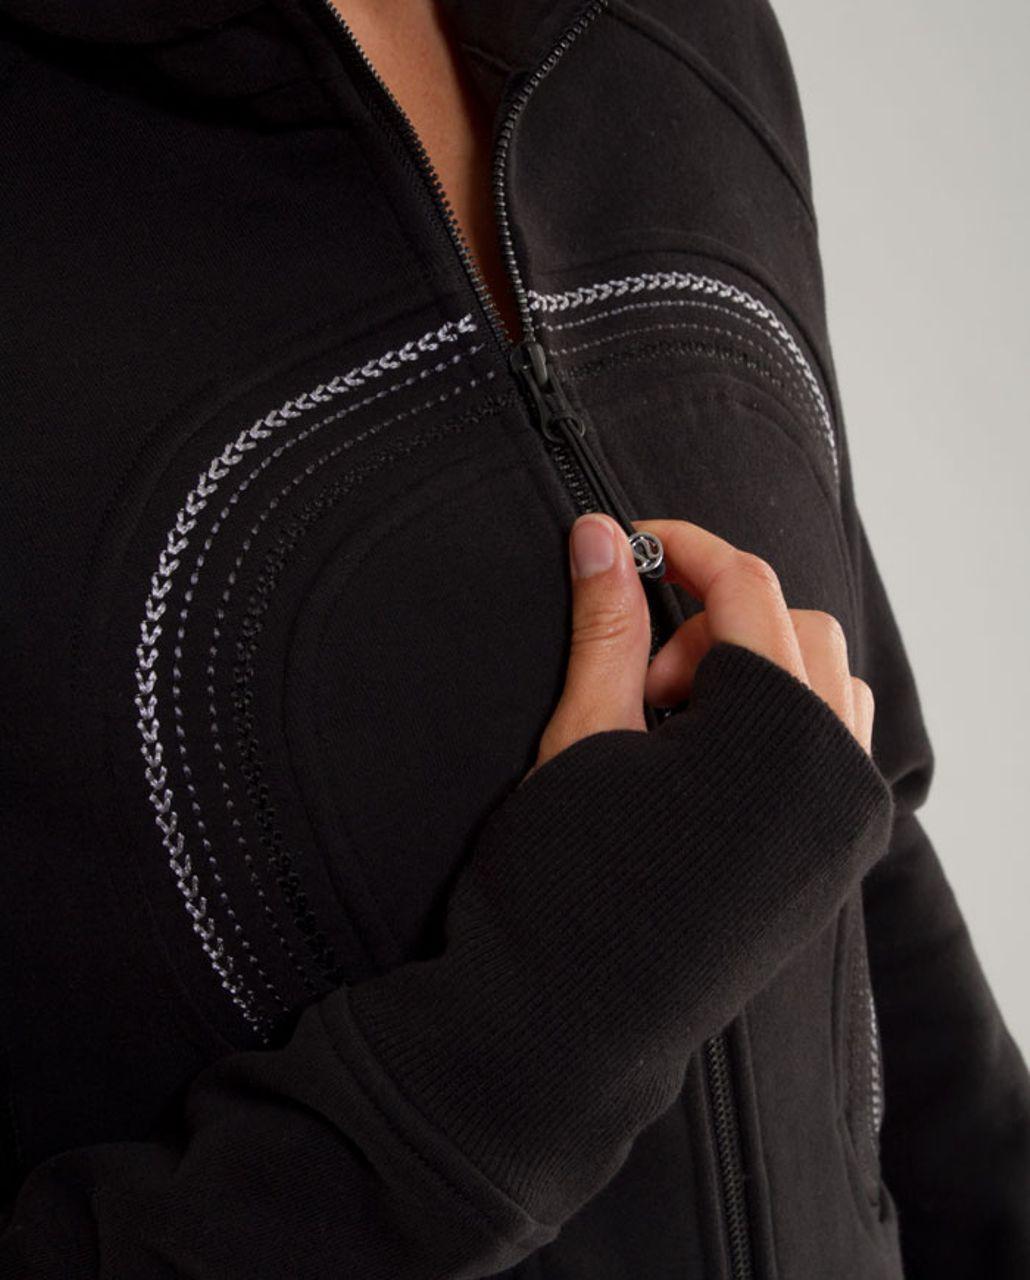 Lululemon Cuddle Up Jacket - Black (White Trim)